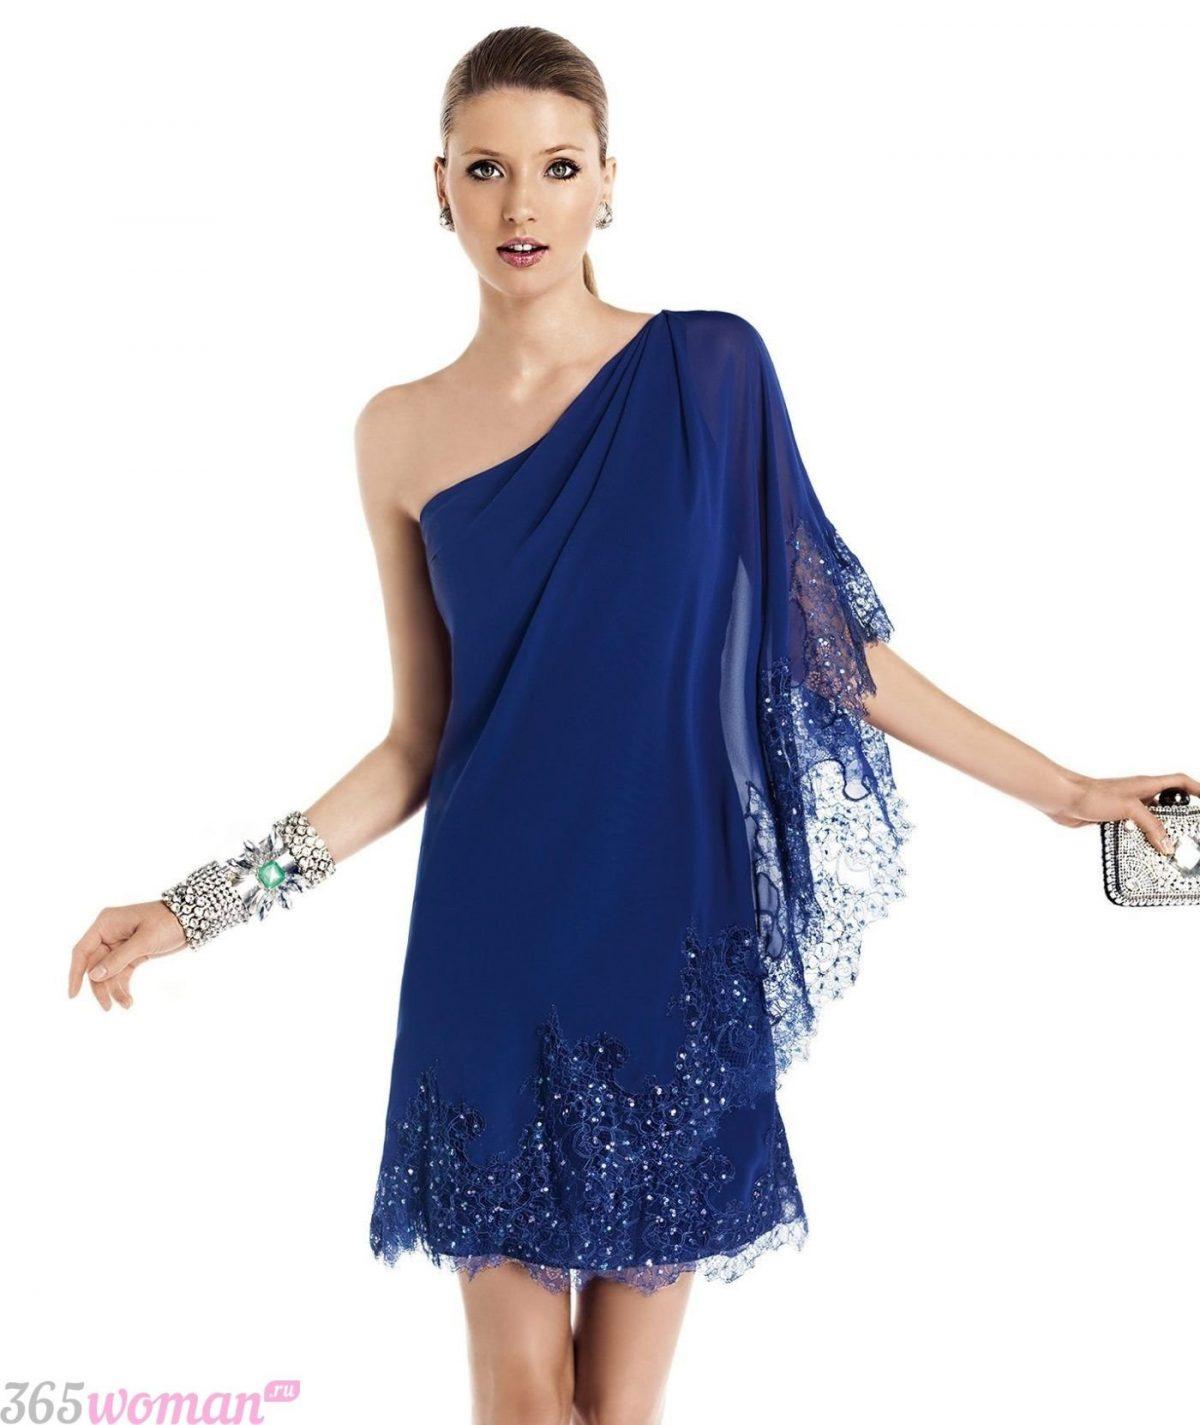 что одеть на день святого валентина 2019: синее свободное платье на одно плечо